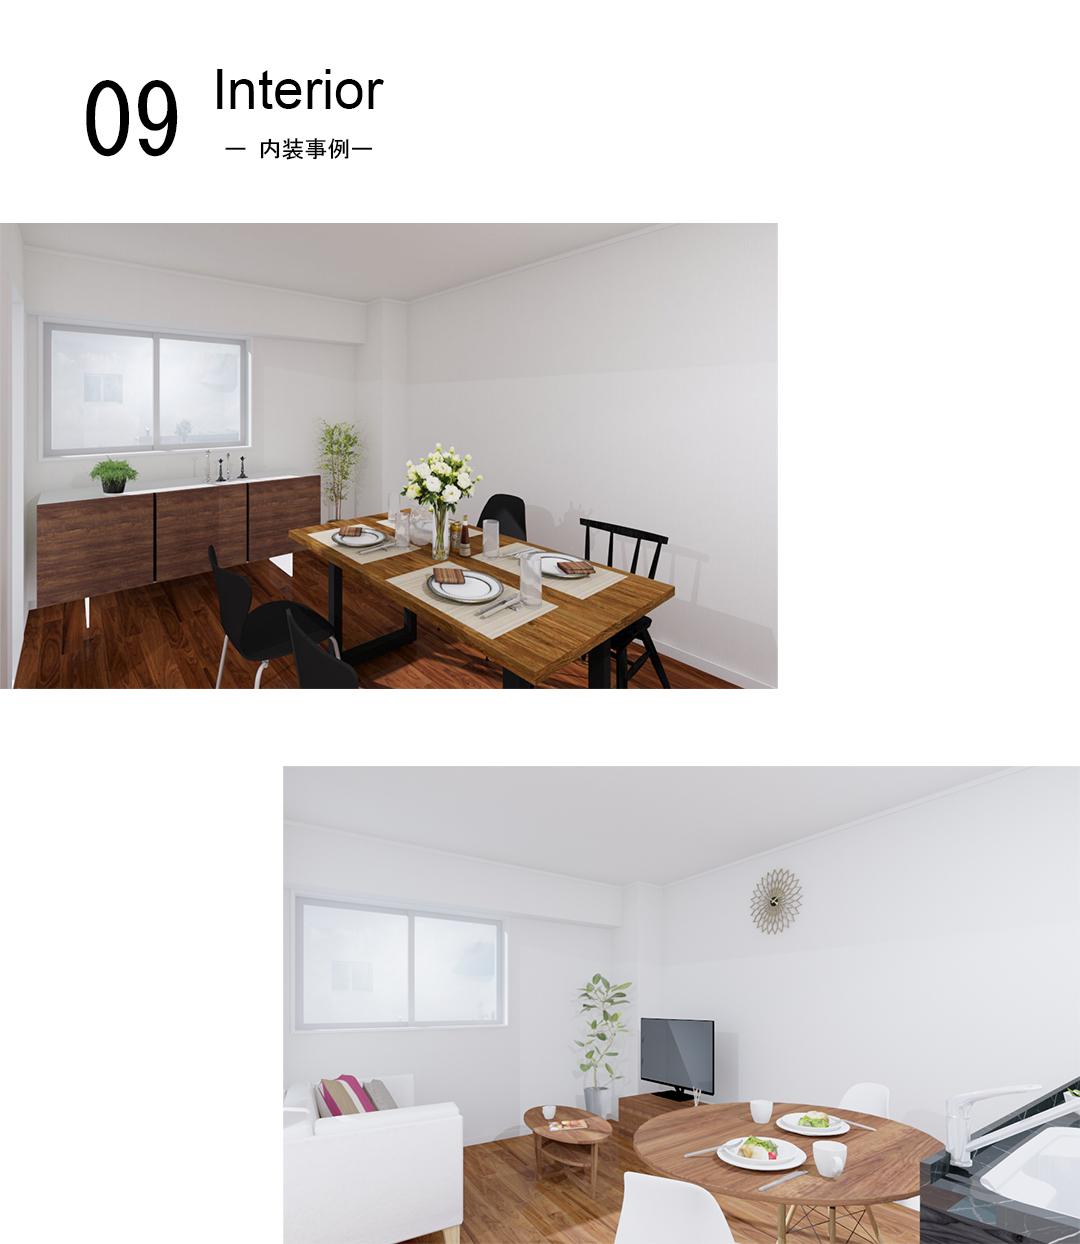 09内装事例,Interior